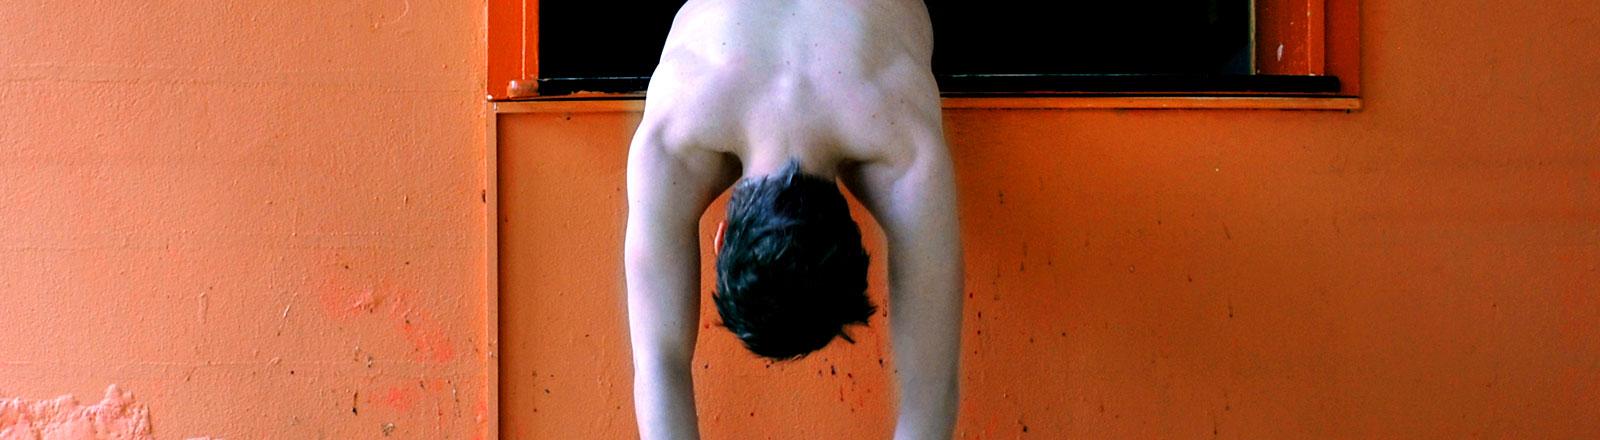 Ein Mann hängt aus einem Fenster